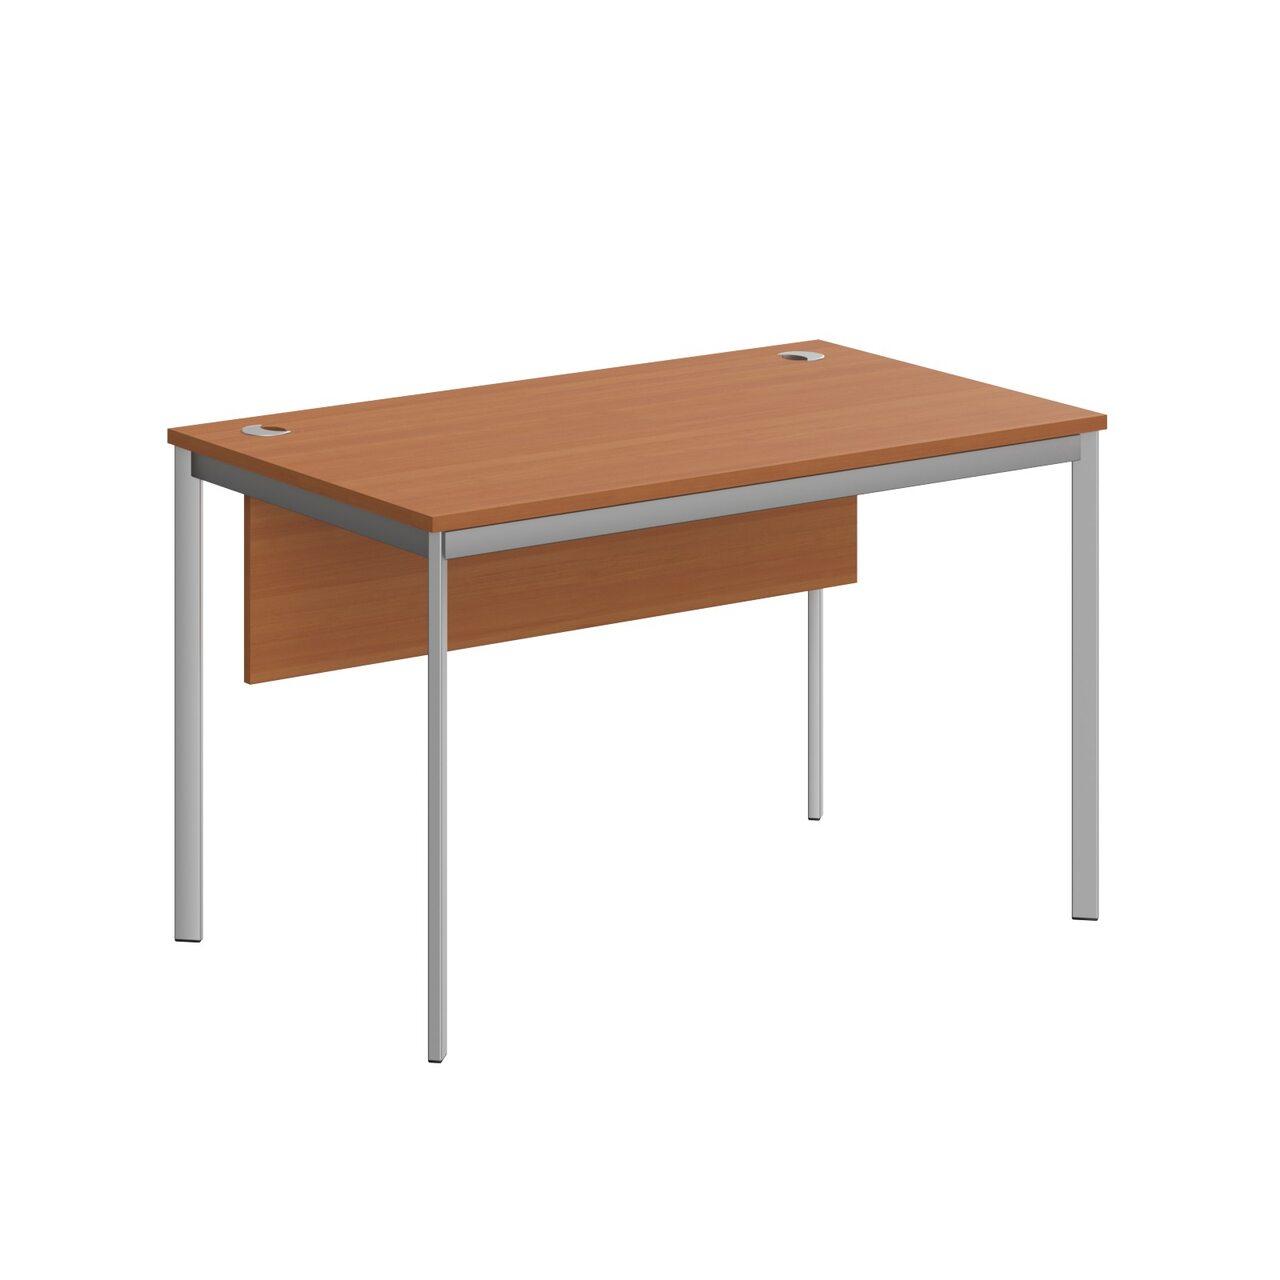 Стол прямой с фрональной панелью  IMAGO-S 72x120x76 - фото 6